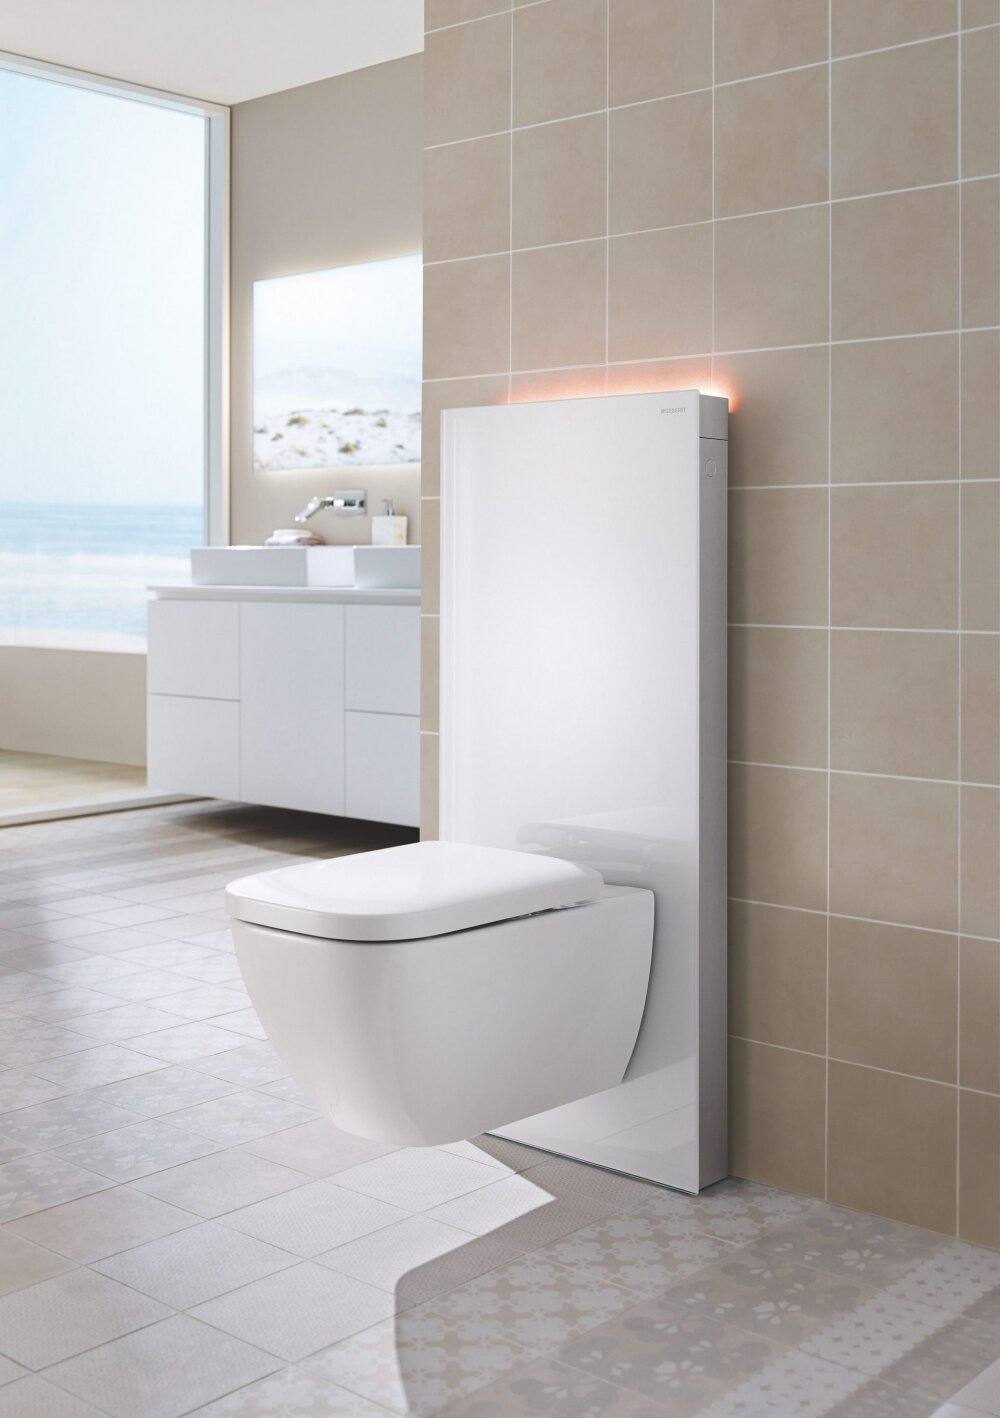 39efbe96985 Ekspert soovitab: mida pidada silmas vannituba planeerides